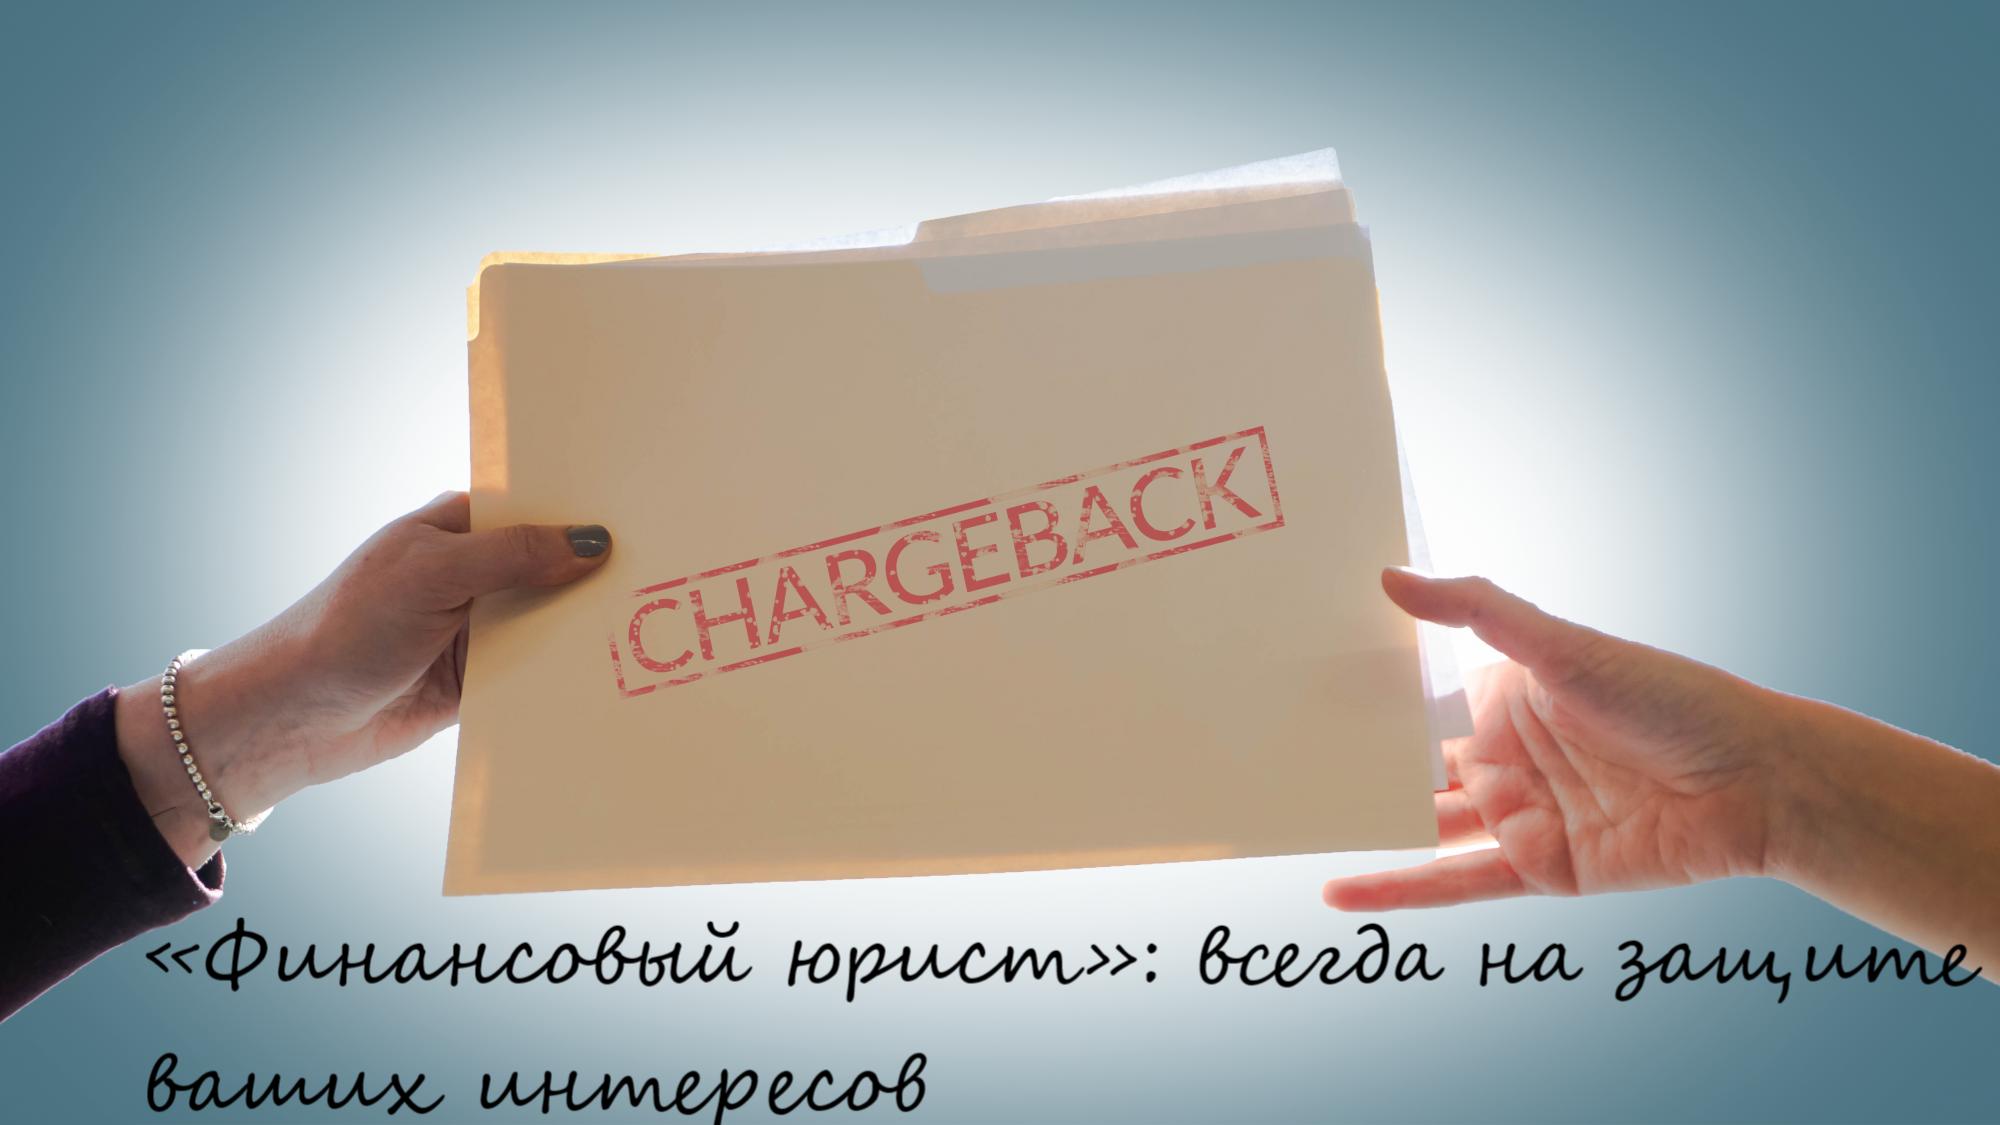 чарджбэк является самым эффективным способом защиты безналичных платежей